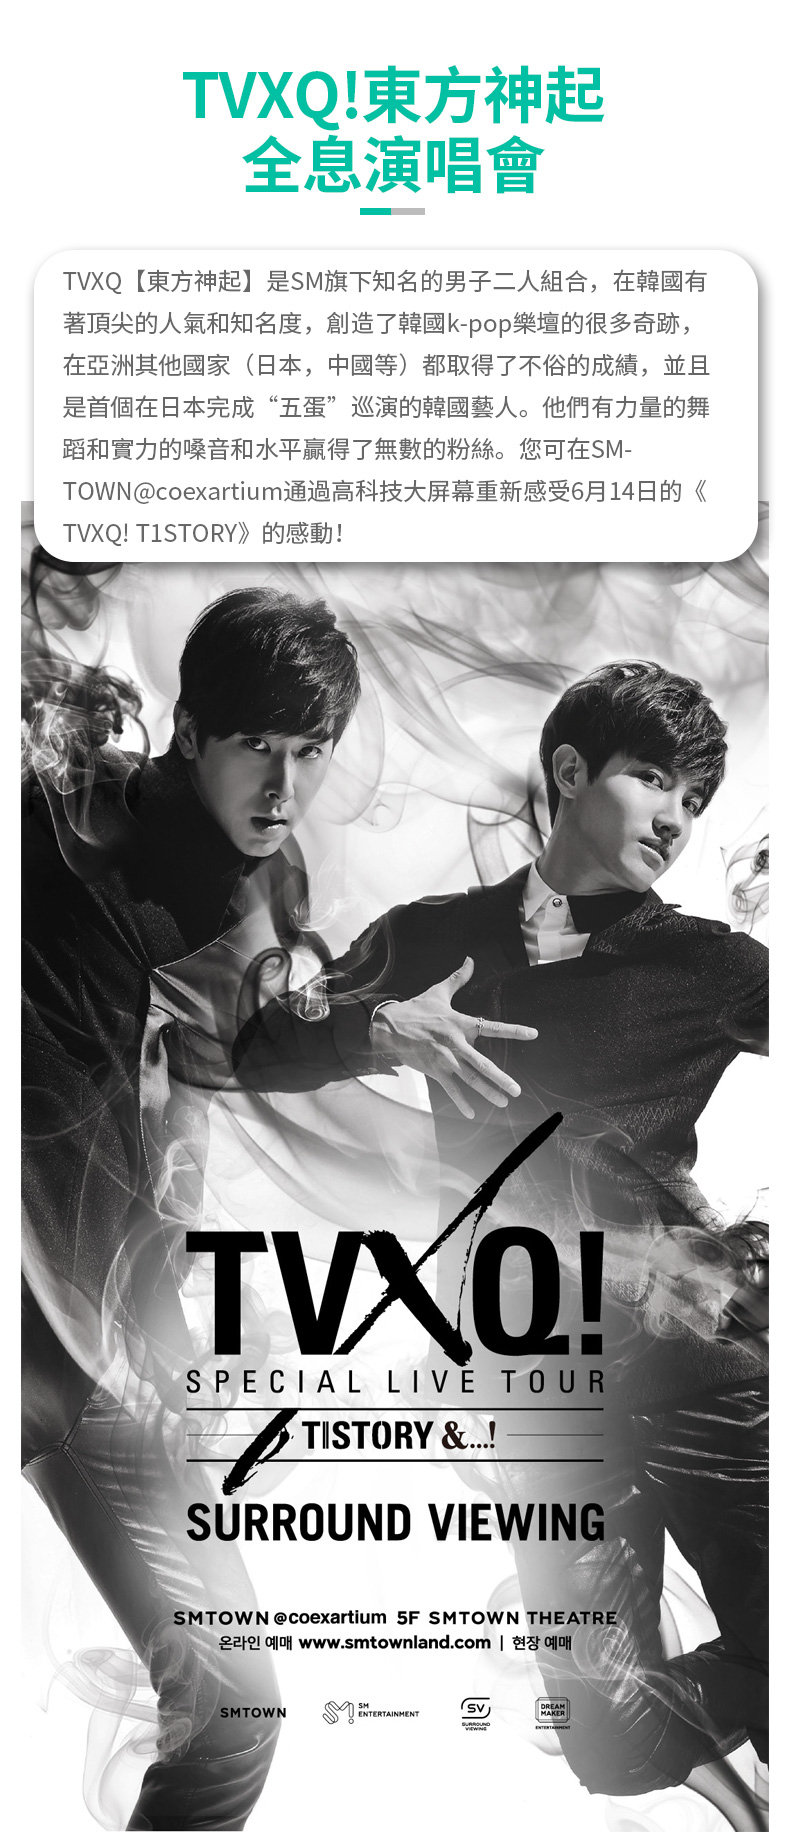 TVXQ!東方神起繁_01.jpg